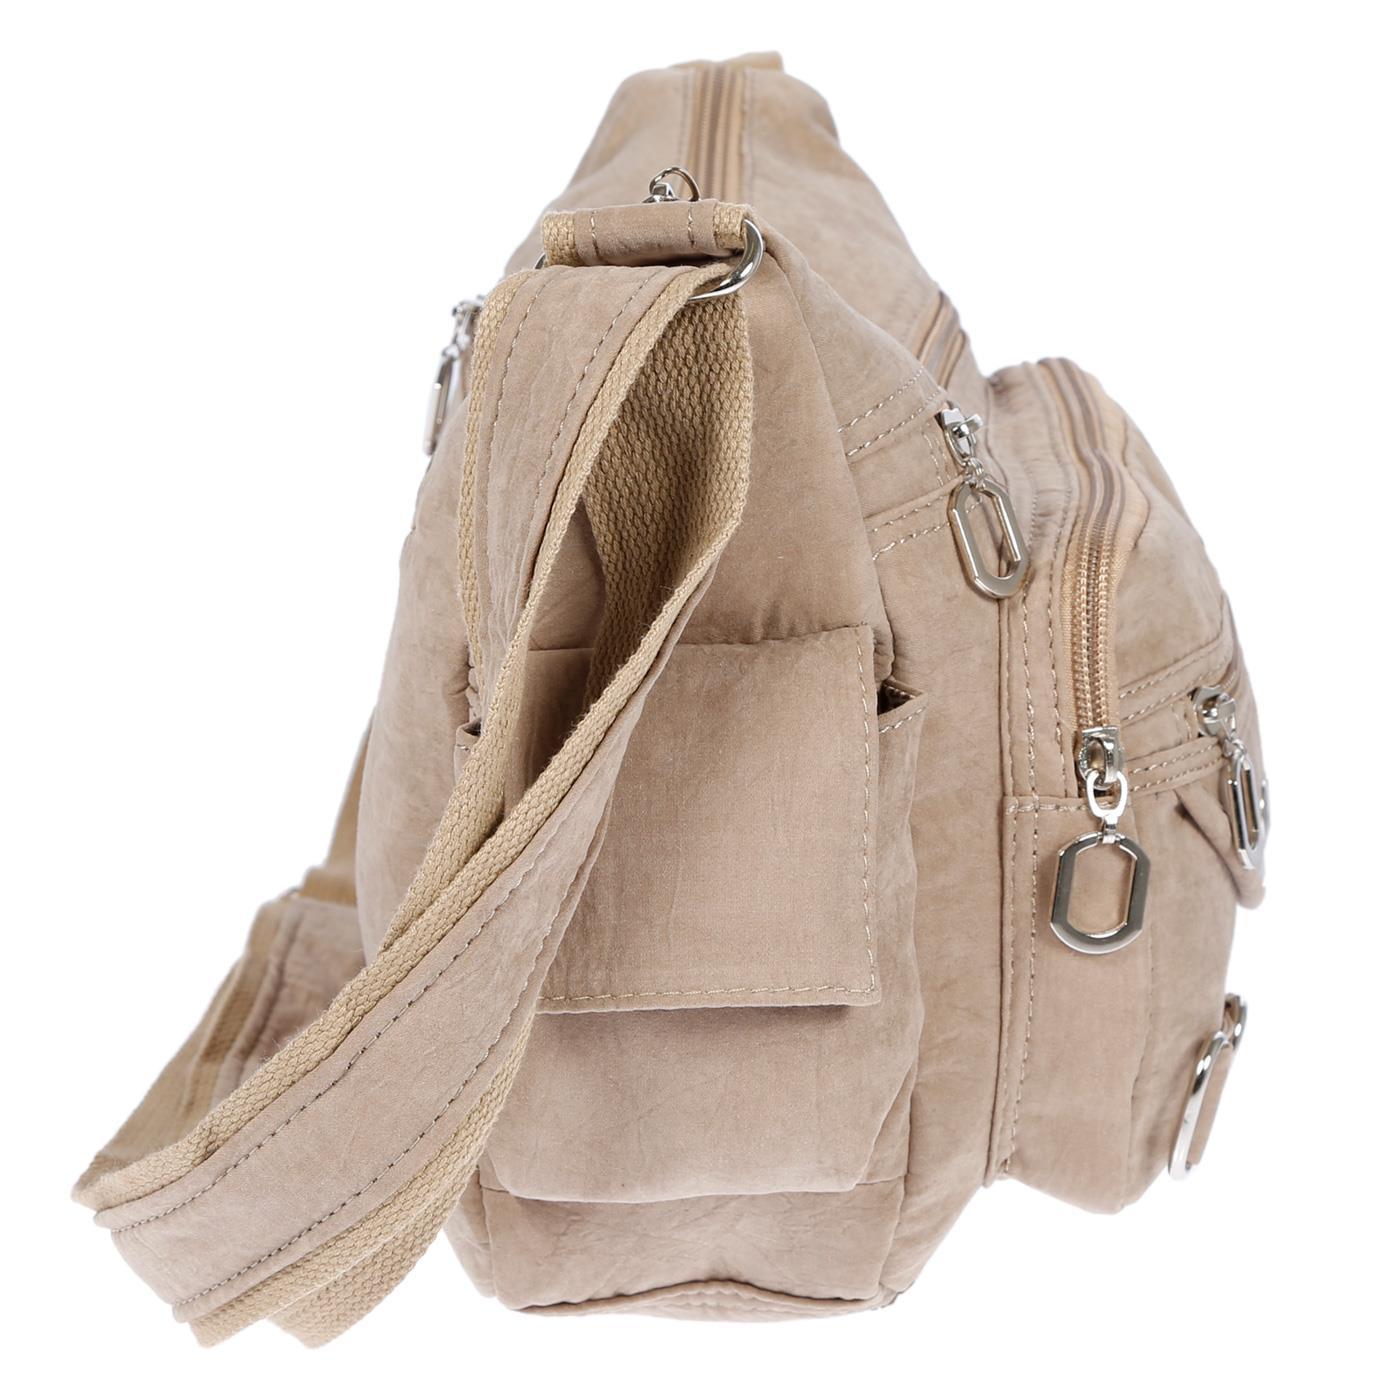 Damenhandtasche-Schultertasche-Tasche-Umhaengetasche-Canvas-Shopper-Crossover-Bag Indexbild 33